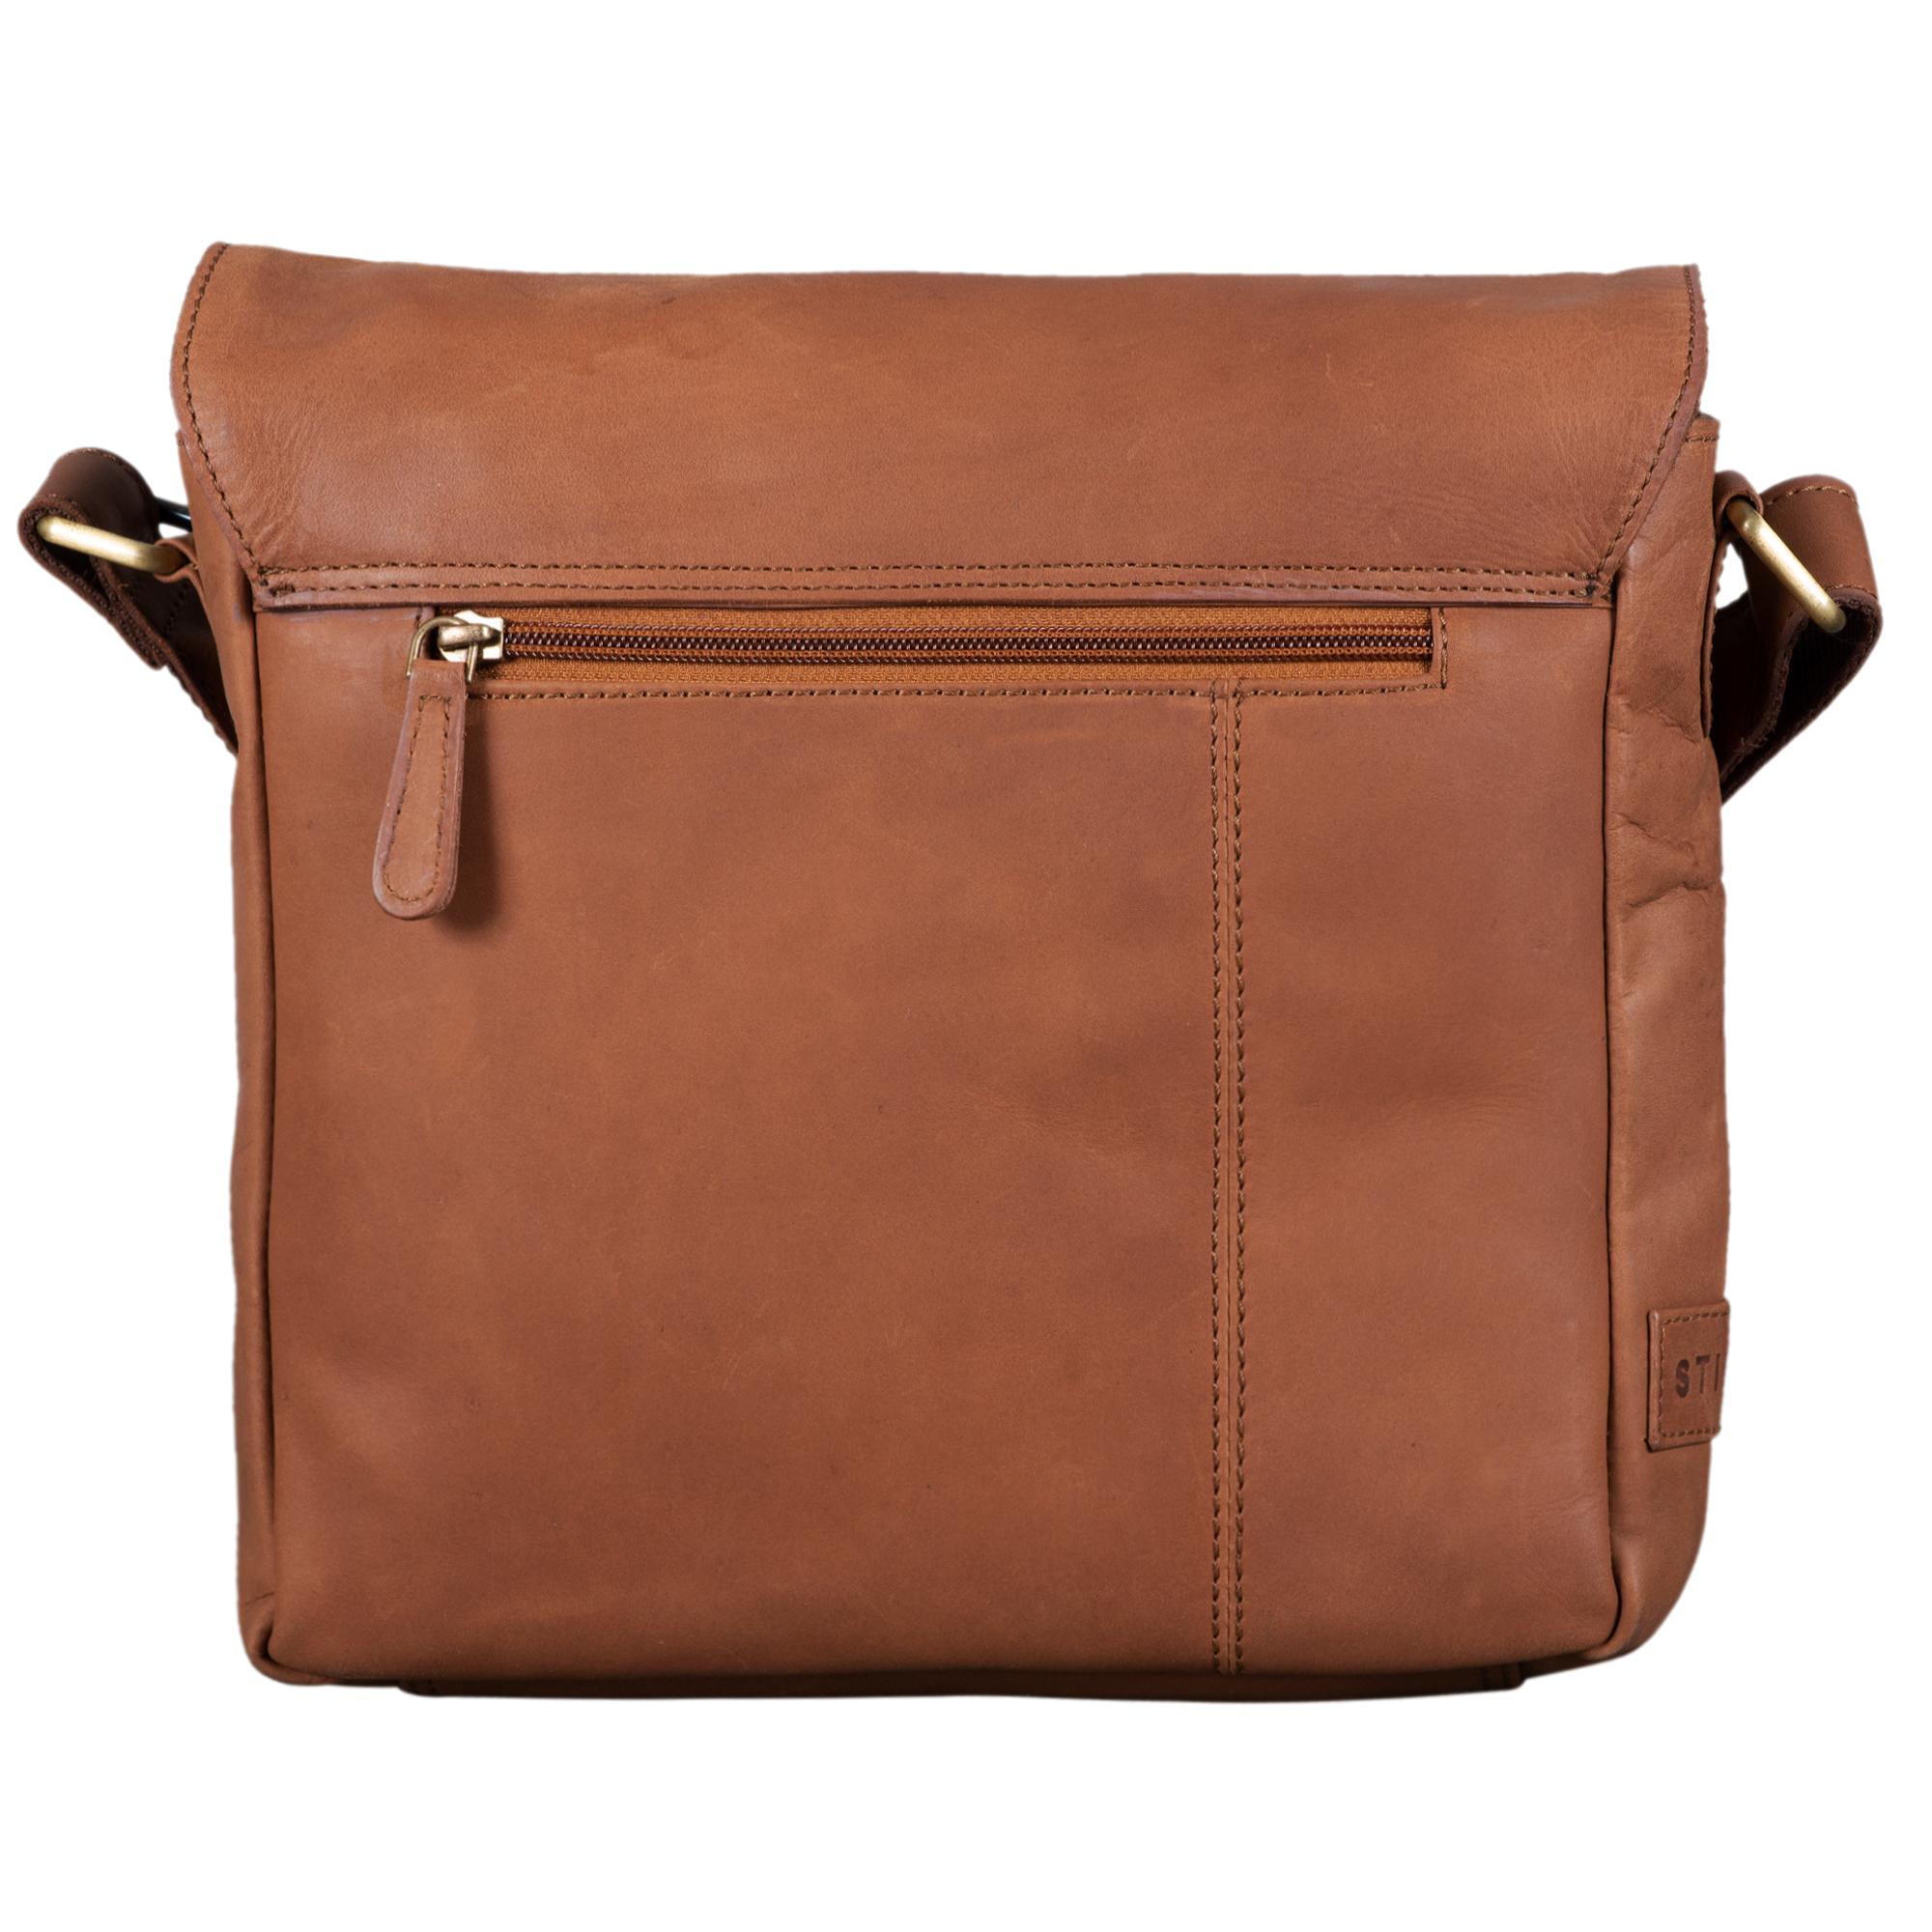 """STILORD """"Timo"""" Vintage Messenger Bag Leder klein für Herren und Damen moderne Umhängetasche für 10.1 Zoll Tablet iPad DIN A5 Cross Body Bag Echtleder - Bild 14"""